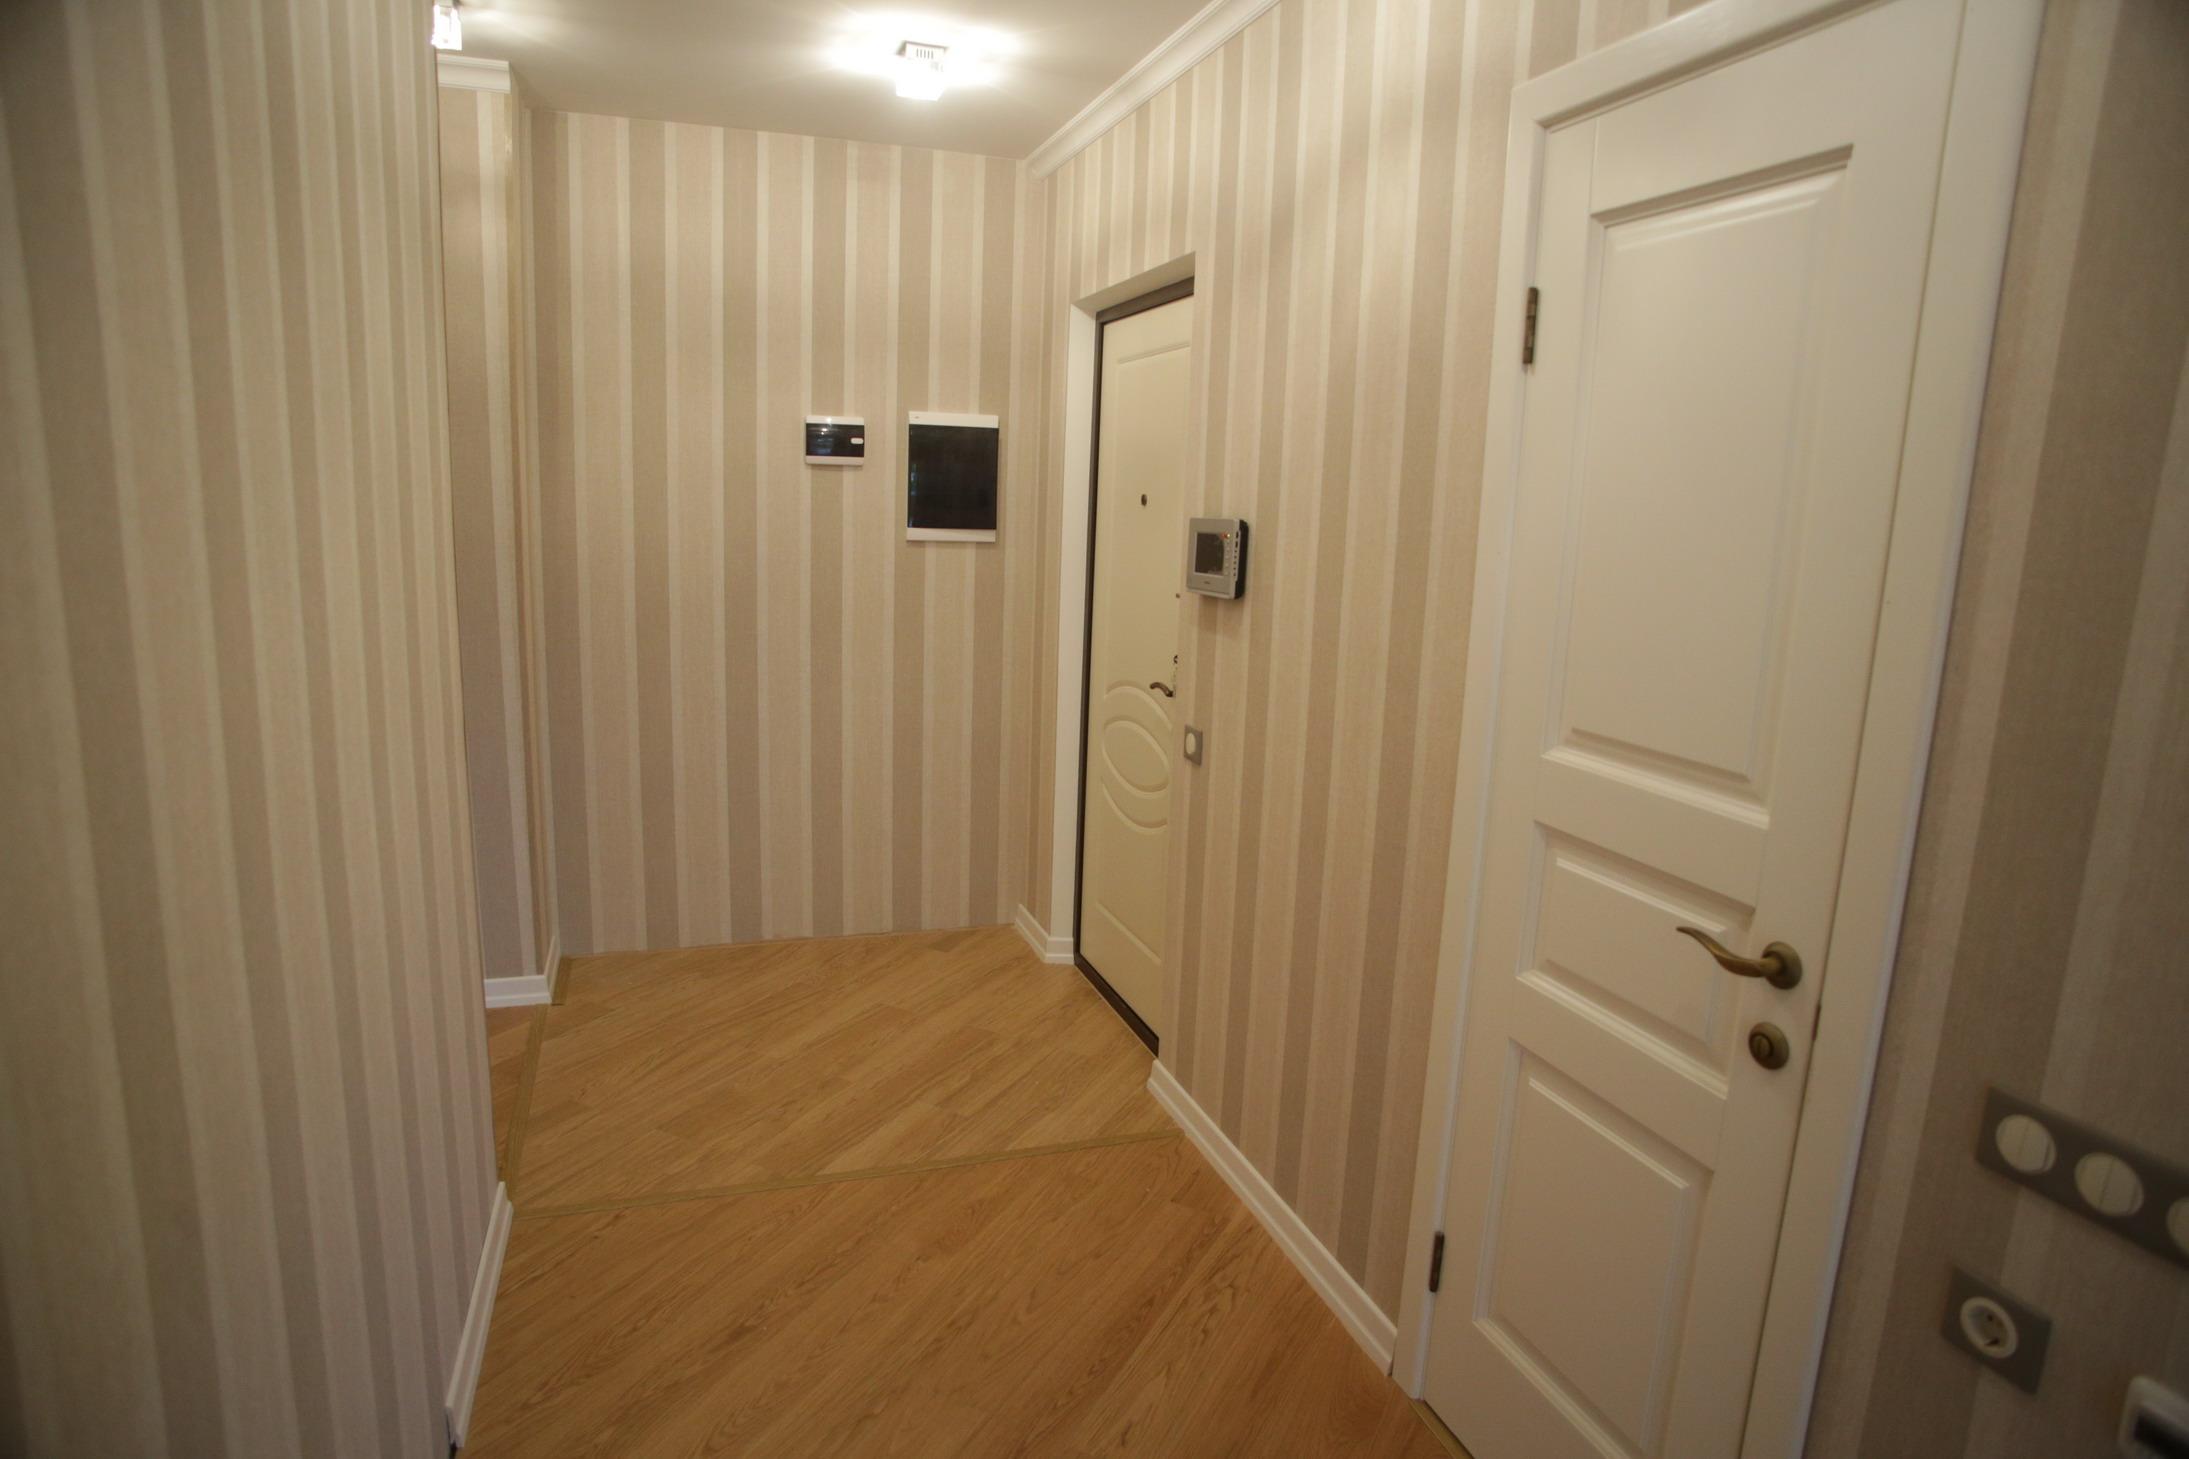 Обшивка стен вагонкой в Москве - Цена 250 Рублей за м2